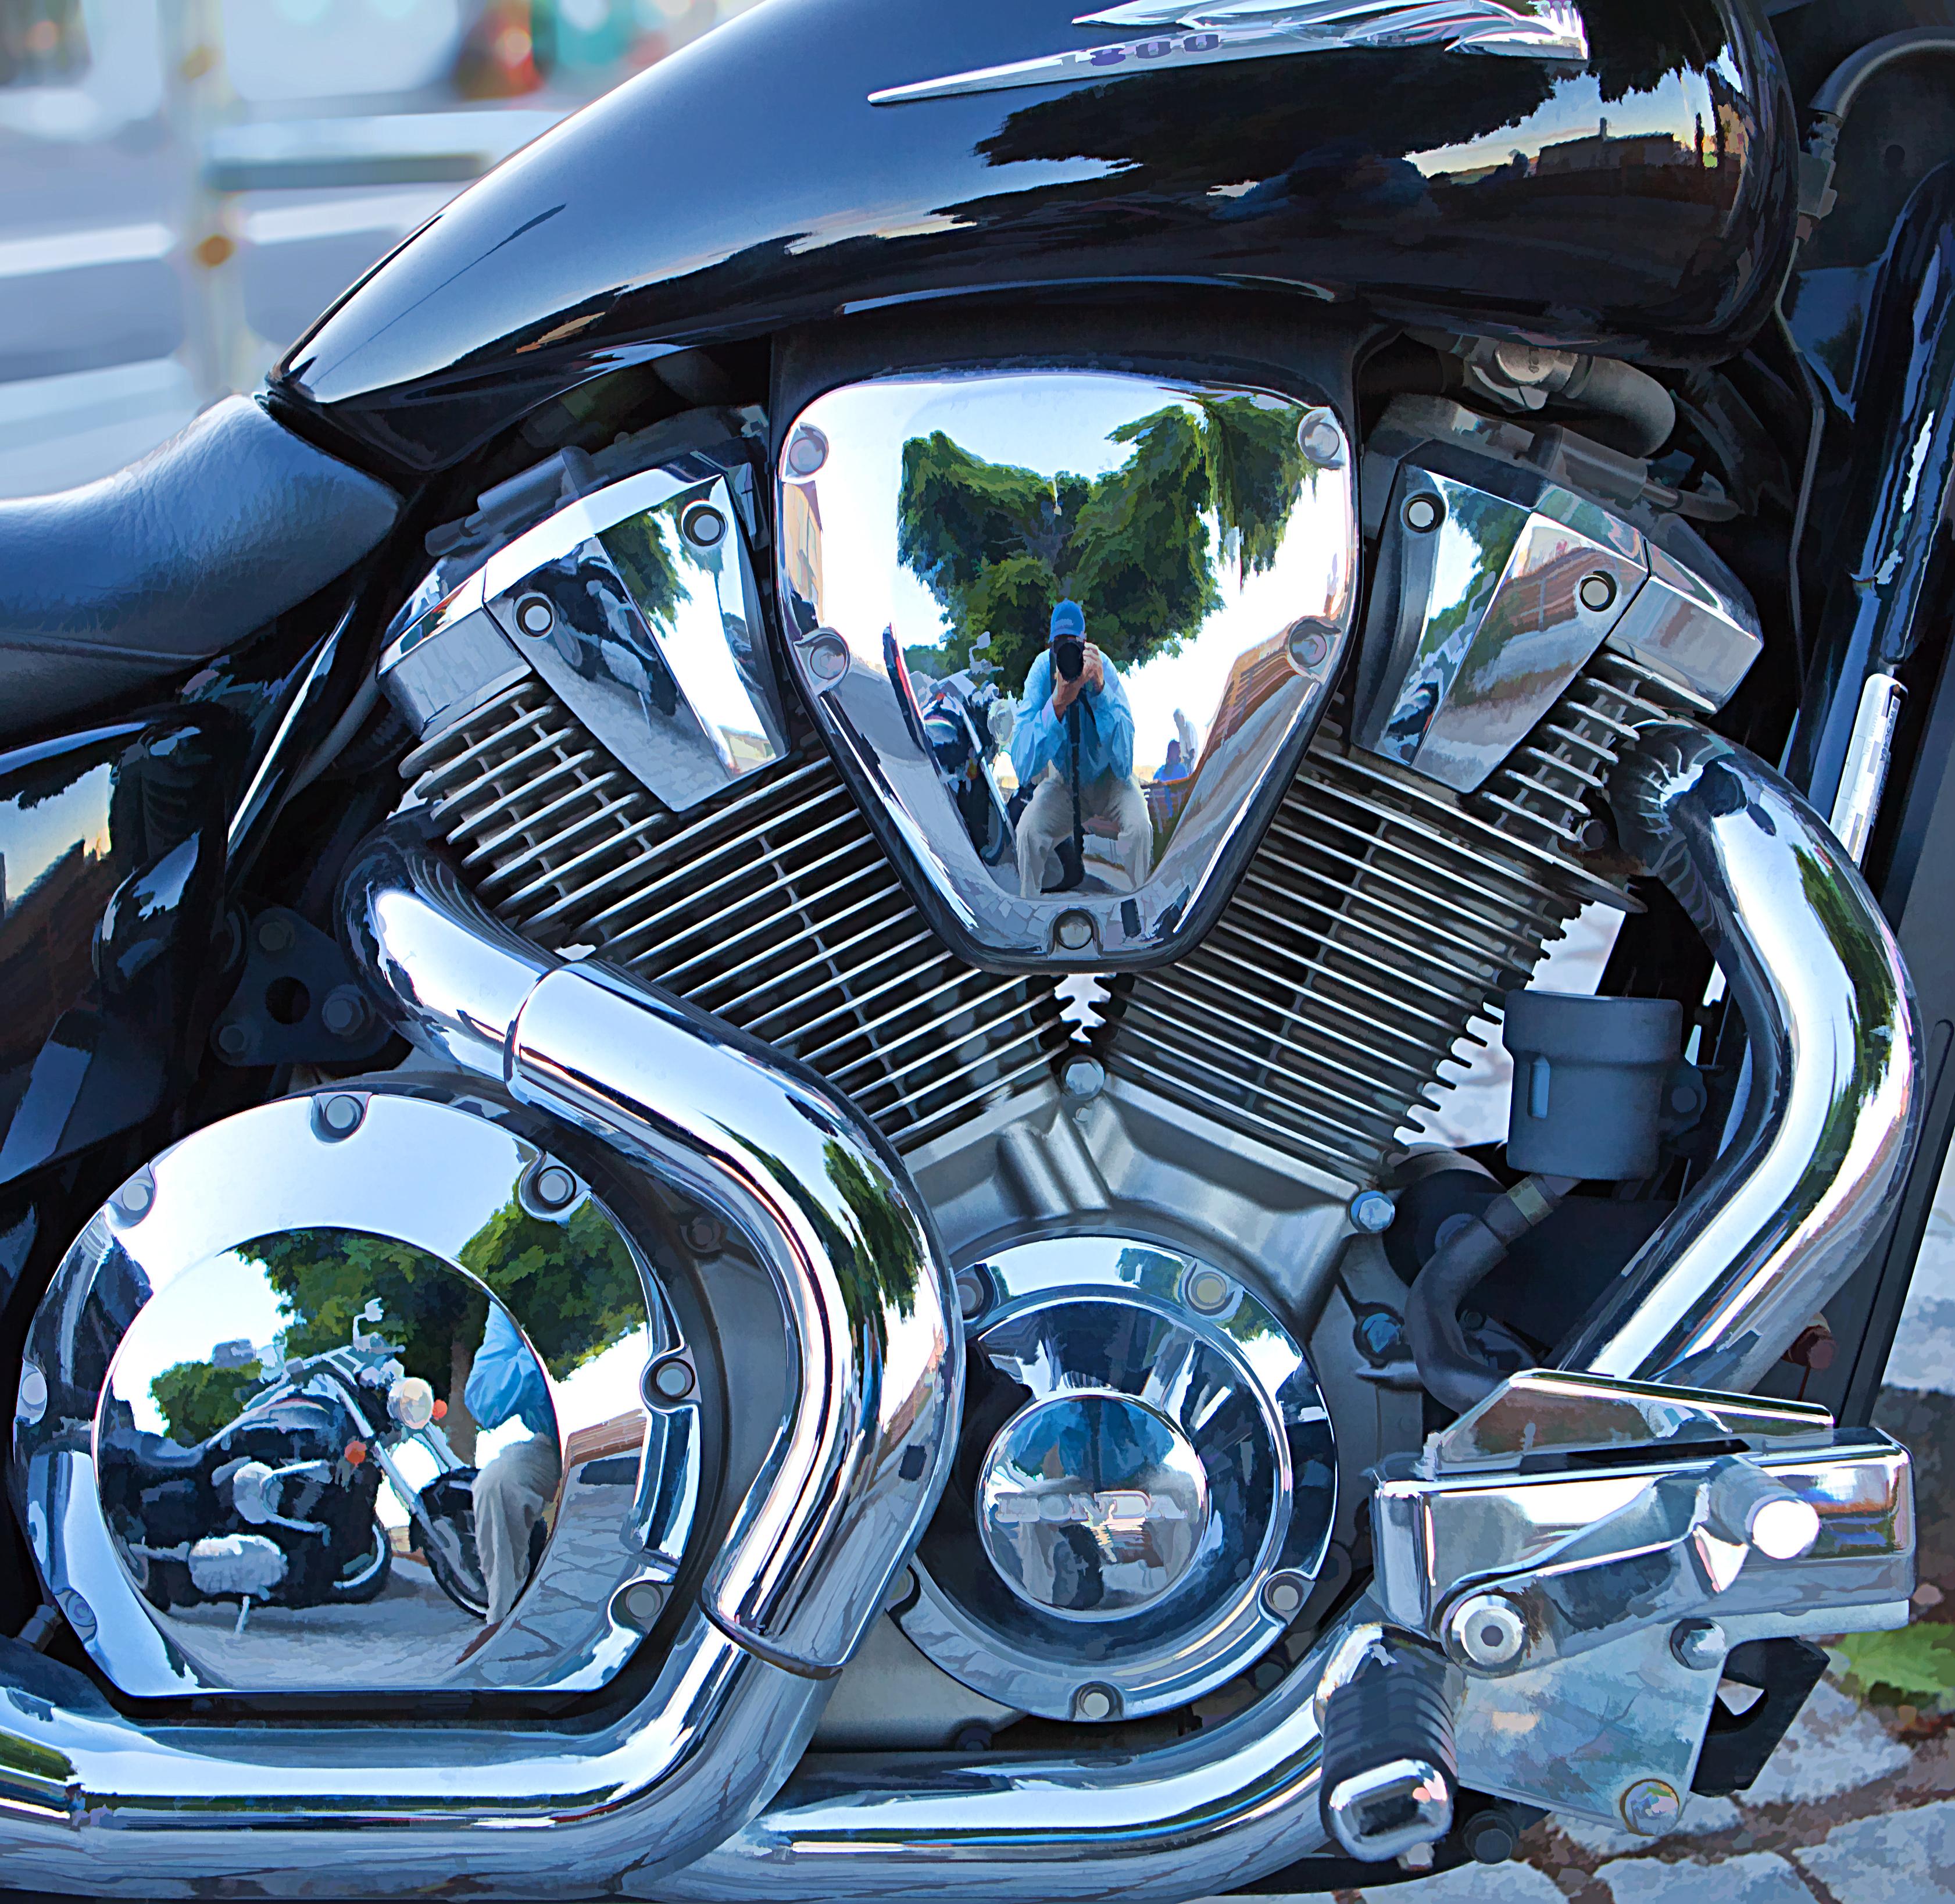 Oem Honda Motorcycle Parts Japan